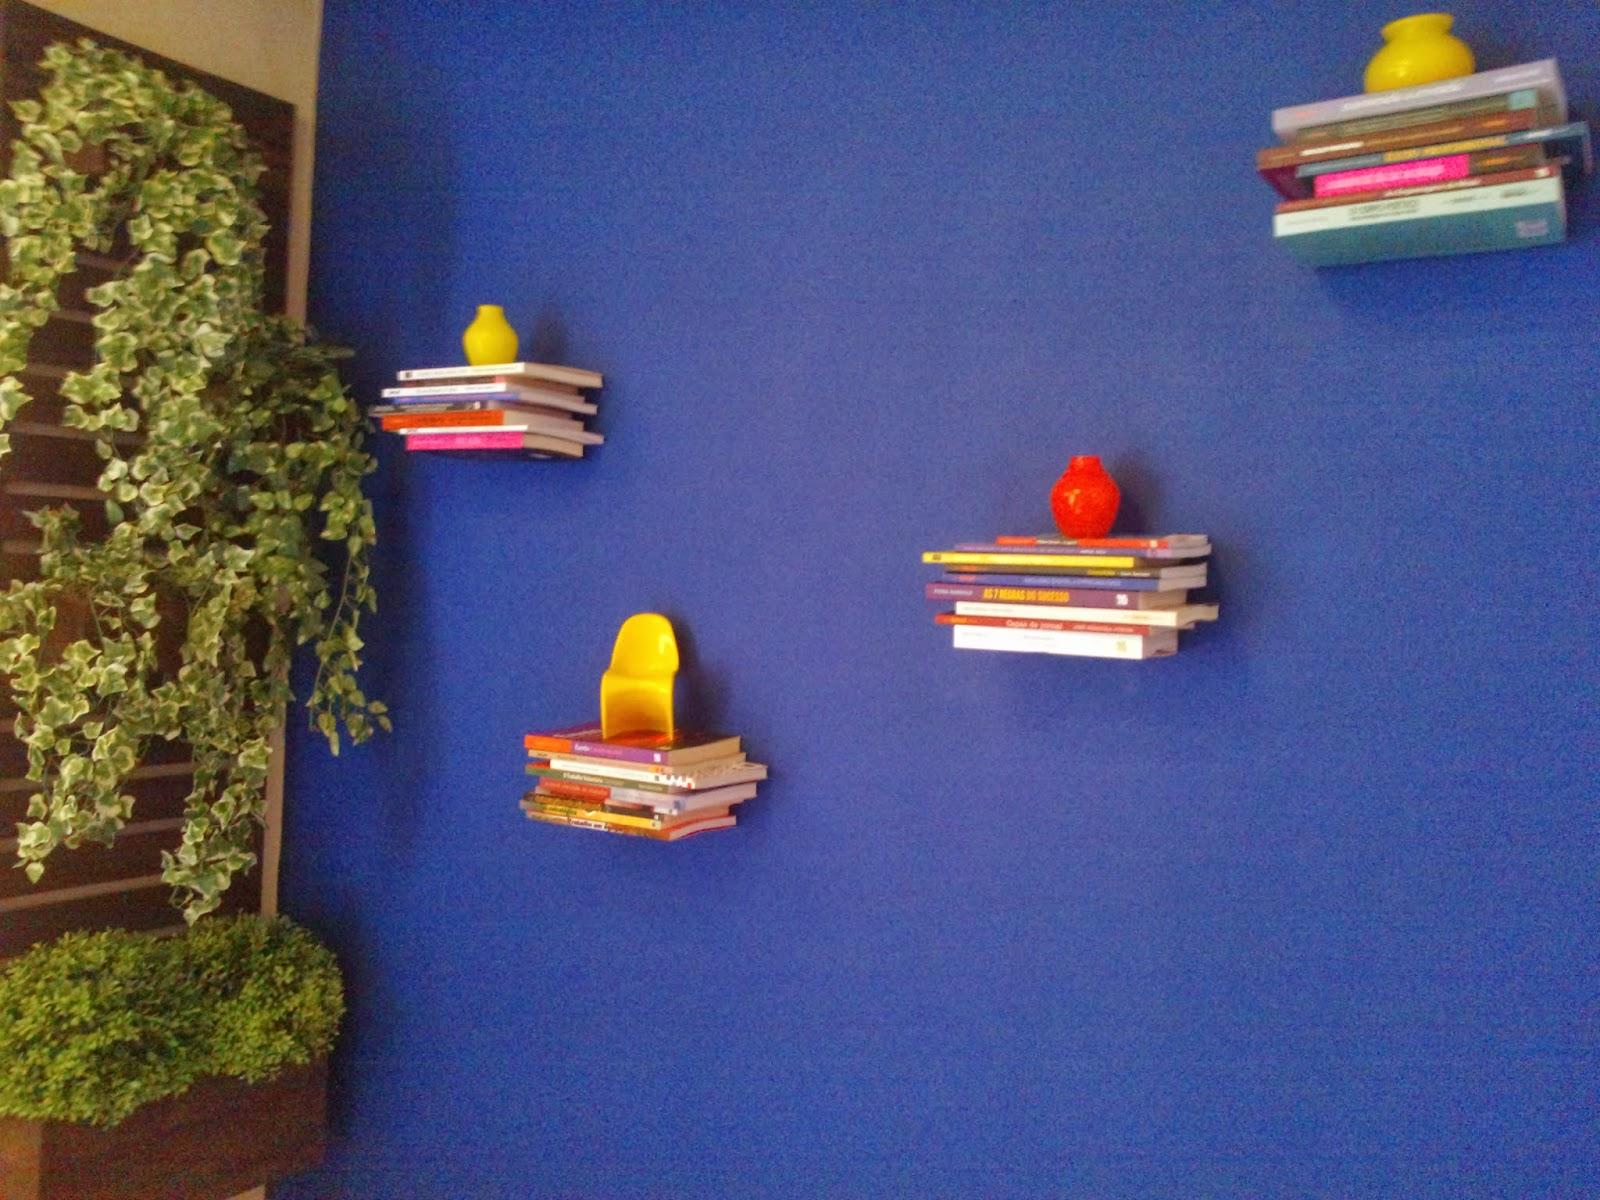 Estantes flutuantes prontas com livros da Editora Senac Cor utilizada  #A36D28 1600x1200